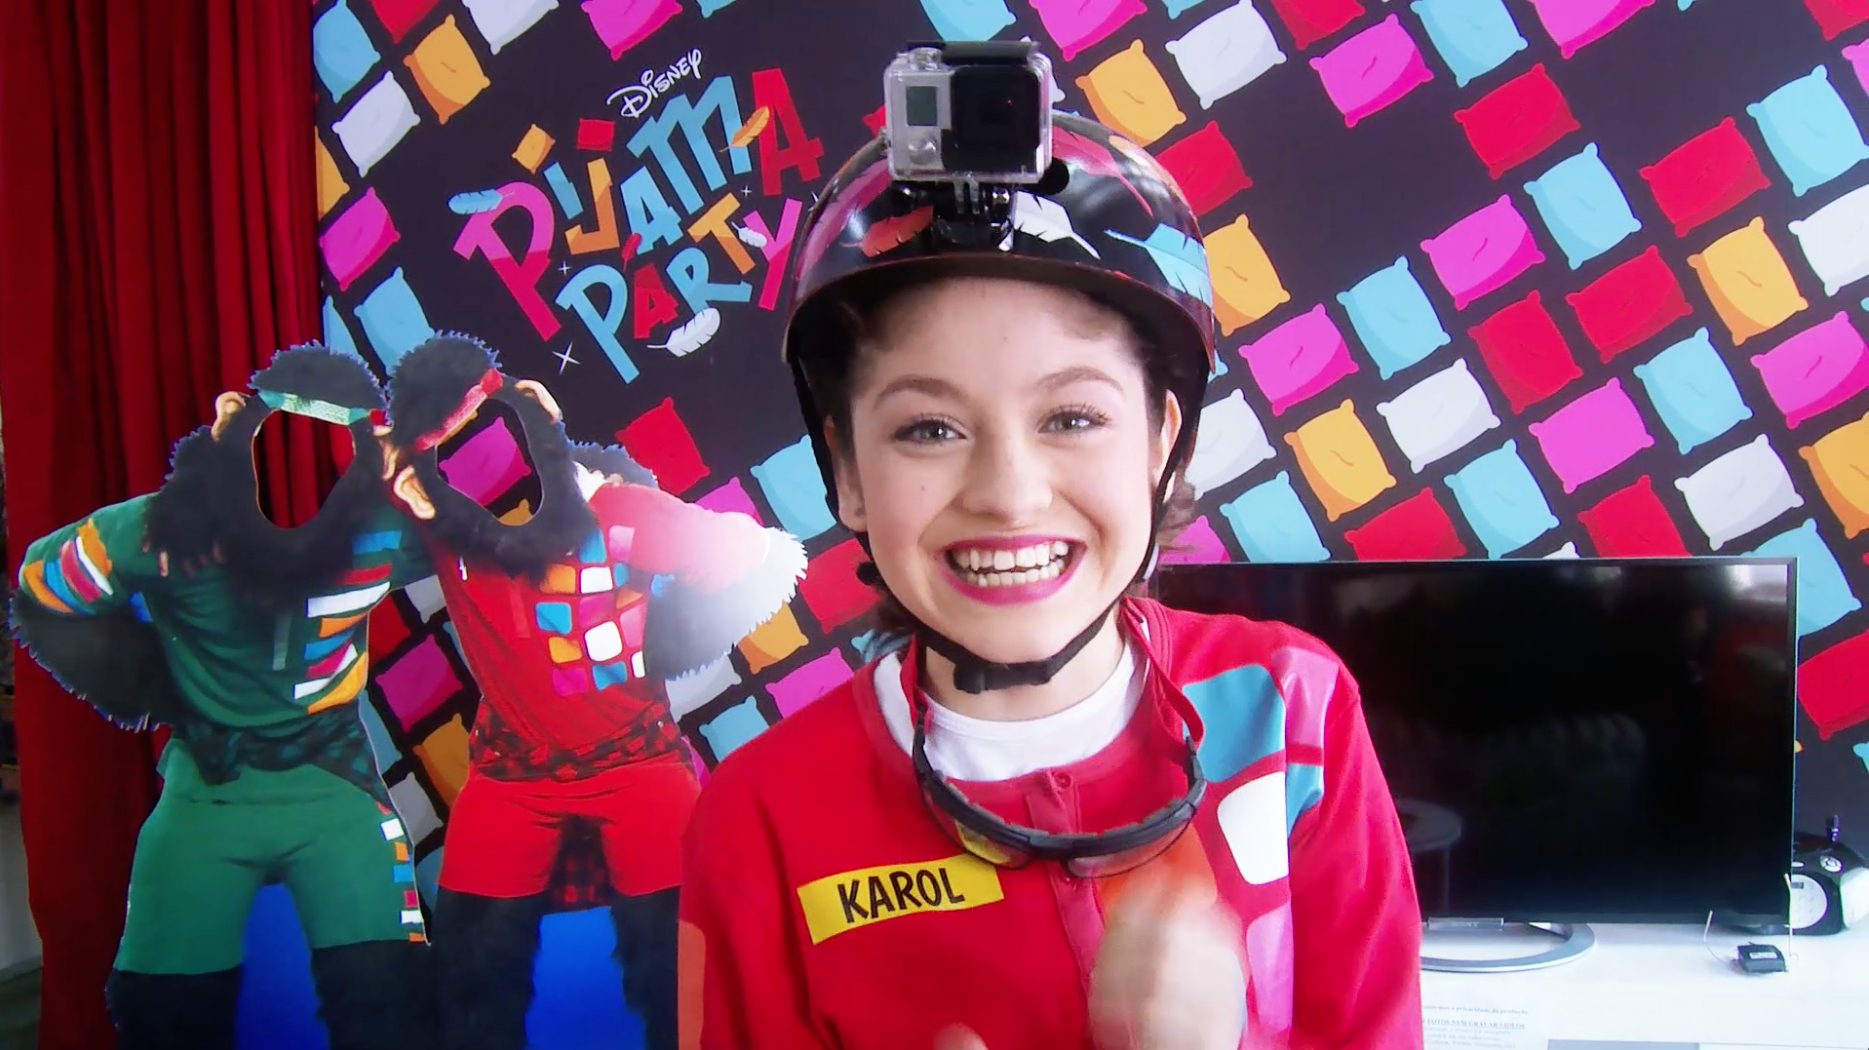 Karol y Sofía, listas para competir - Backstage: Pijama Party